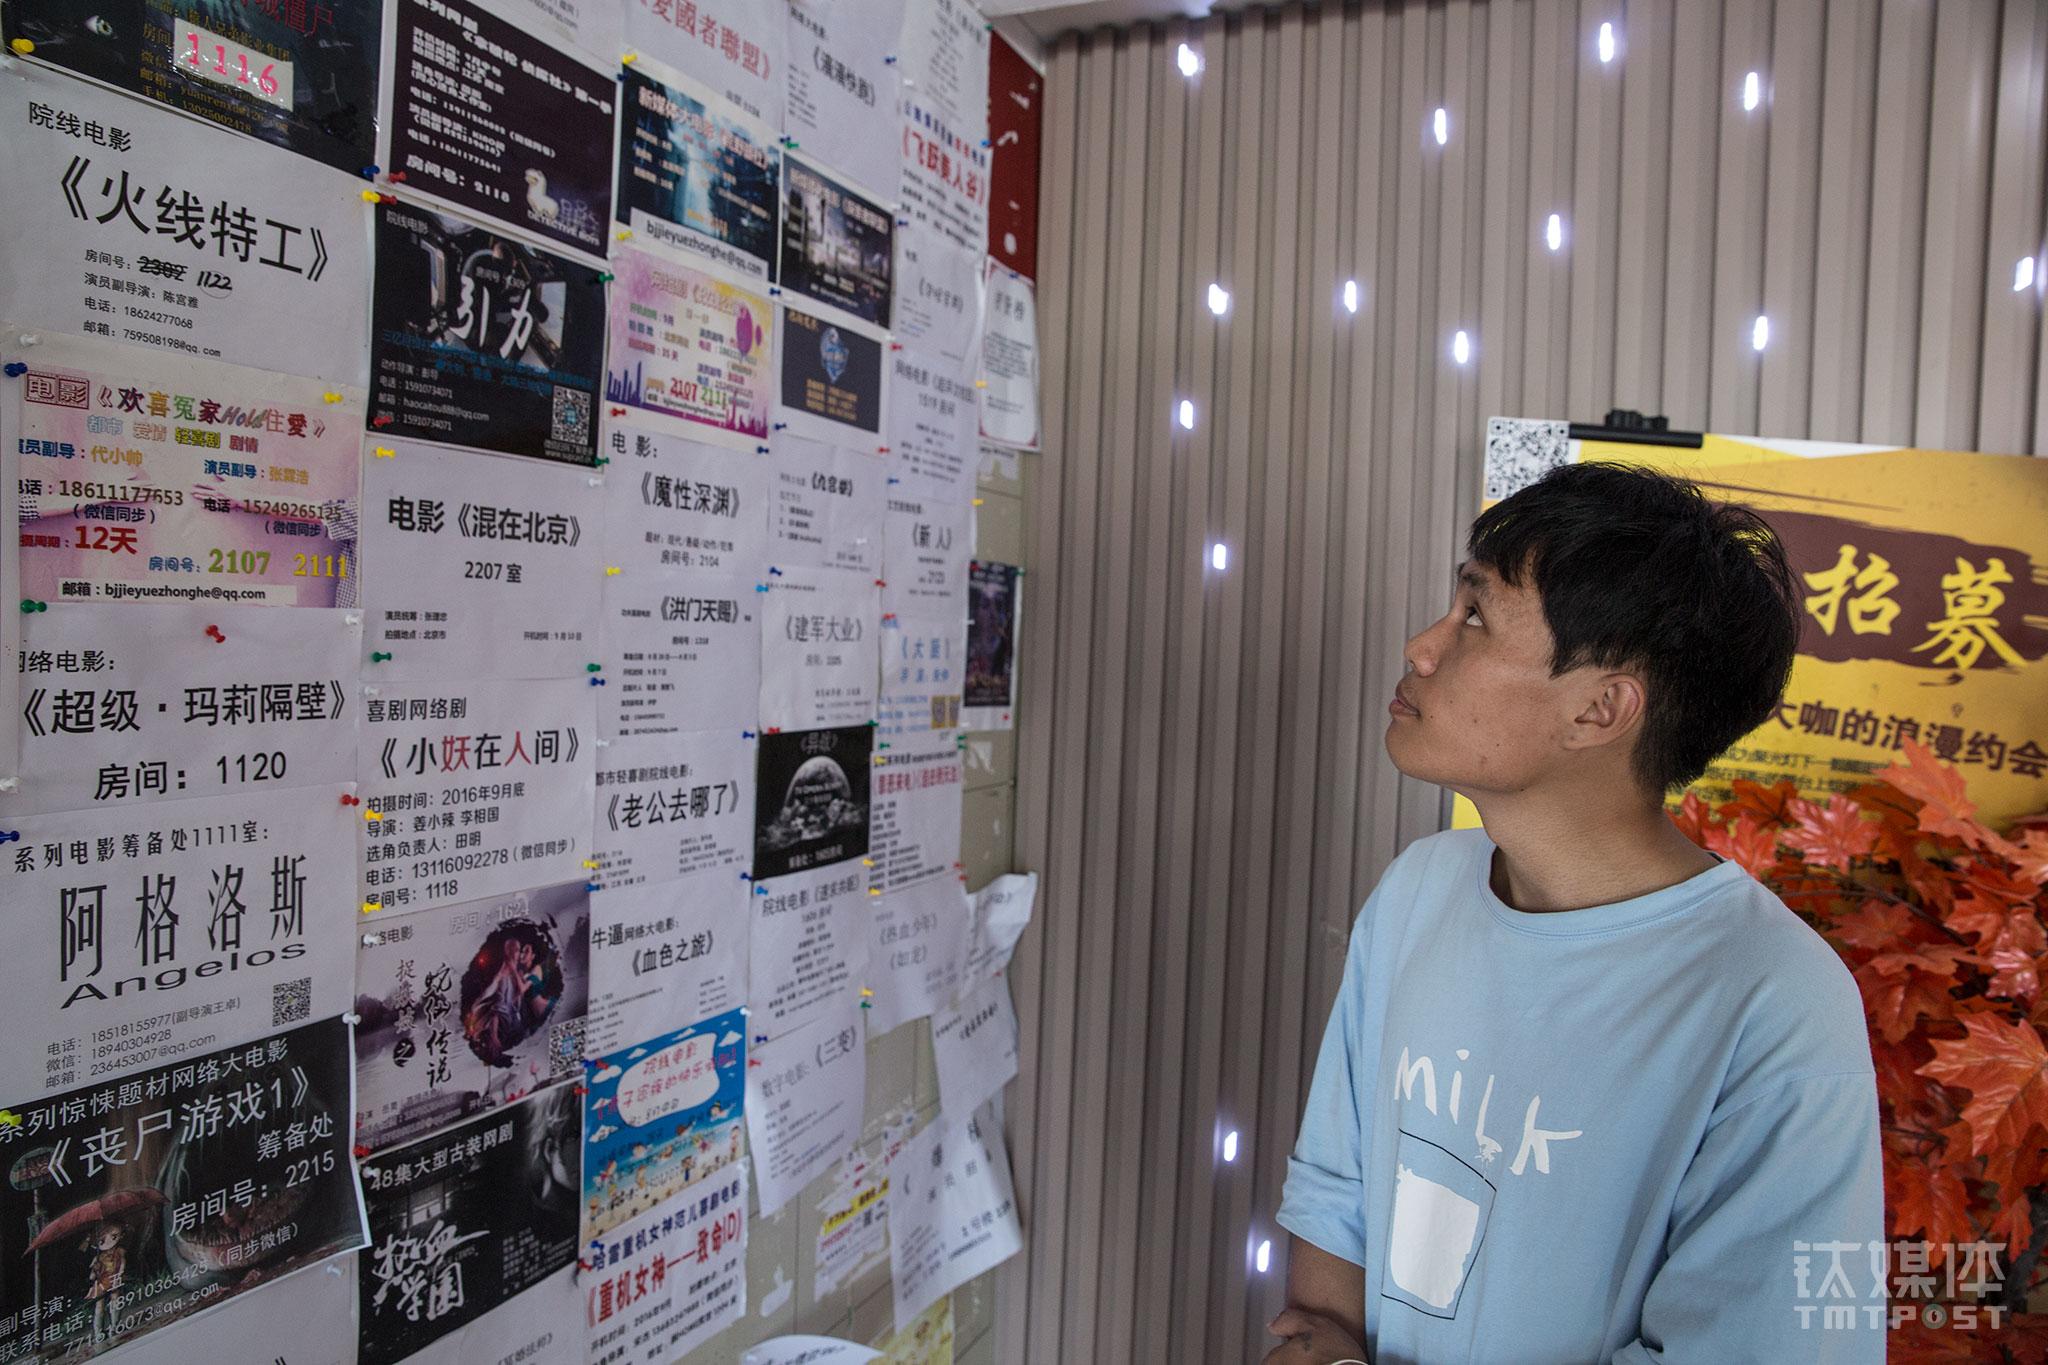 """2016年8月29日,北京大望路飘HOME酒店,李陆柒在剧组通告栏前寻找机会。这间酒店被称为""""网络大电影基地"""",剧组扎堆聚集,怀着演员梦的年轻人在这里来来往往。李陆柒一心想成为一名演员,他短时间地学过舞台剧,平时偶尔可以接到跑龙套和工作室小短片的活。(铁打的飘Home,流水的""""网络大电影"""")"""